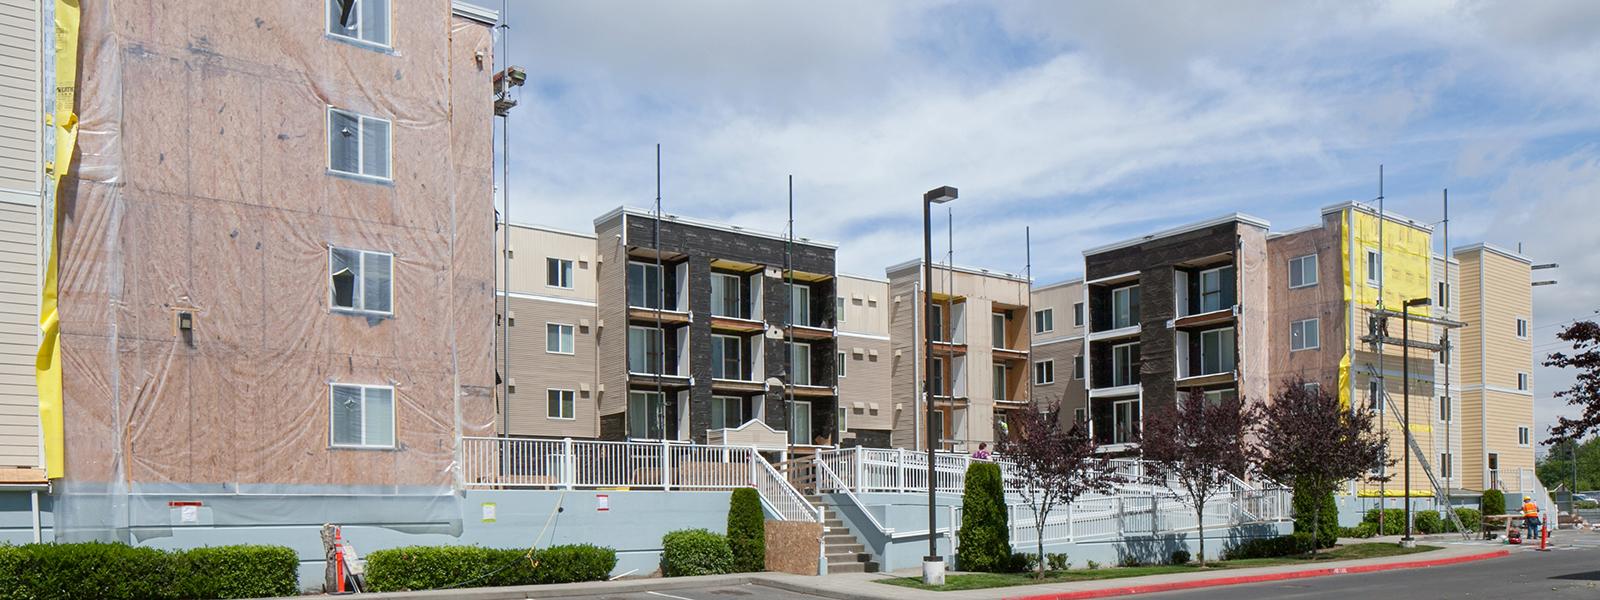 Camelot Apartments - Everett, WA